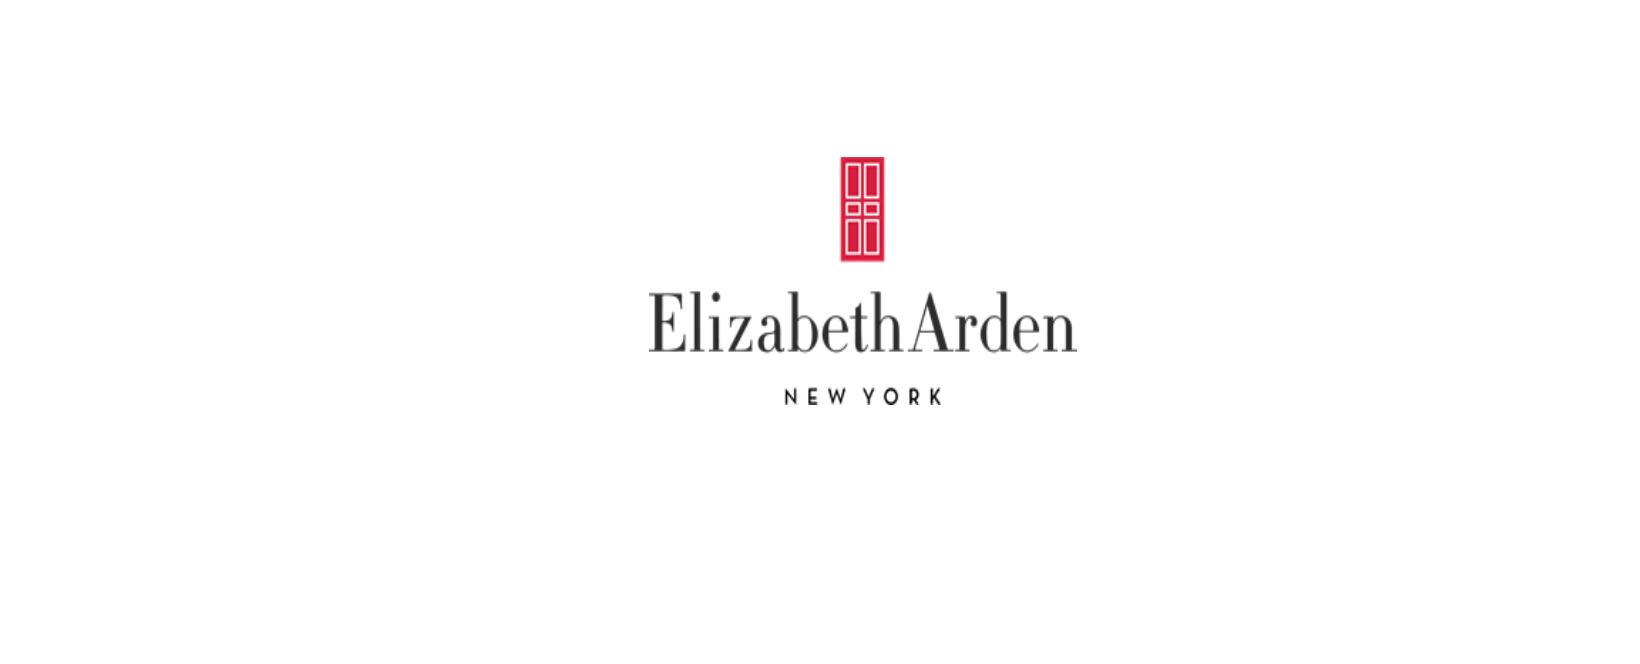 Elizabeth Arden UK Discount Code 2021